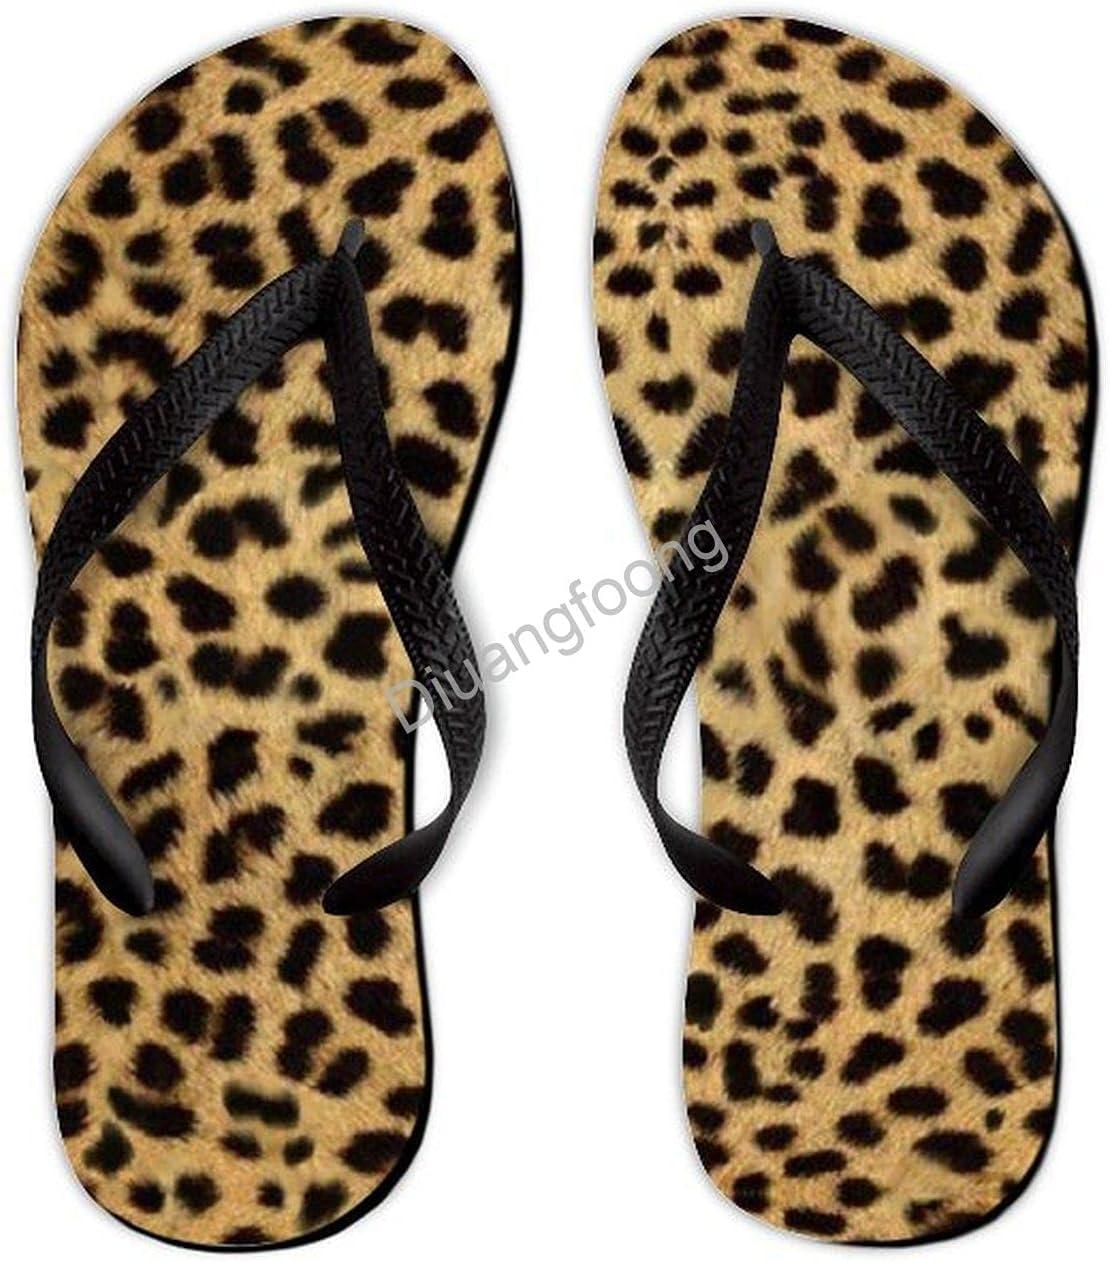 Leopard Flip Flops Comfort Unique Thong Sandal Fun Sandal For Home Bathroom Party Black Style9